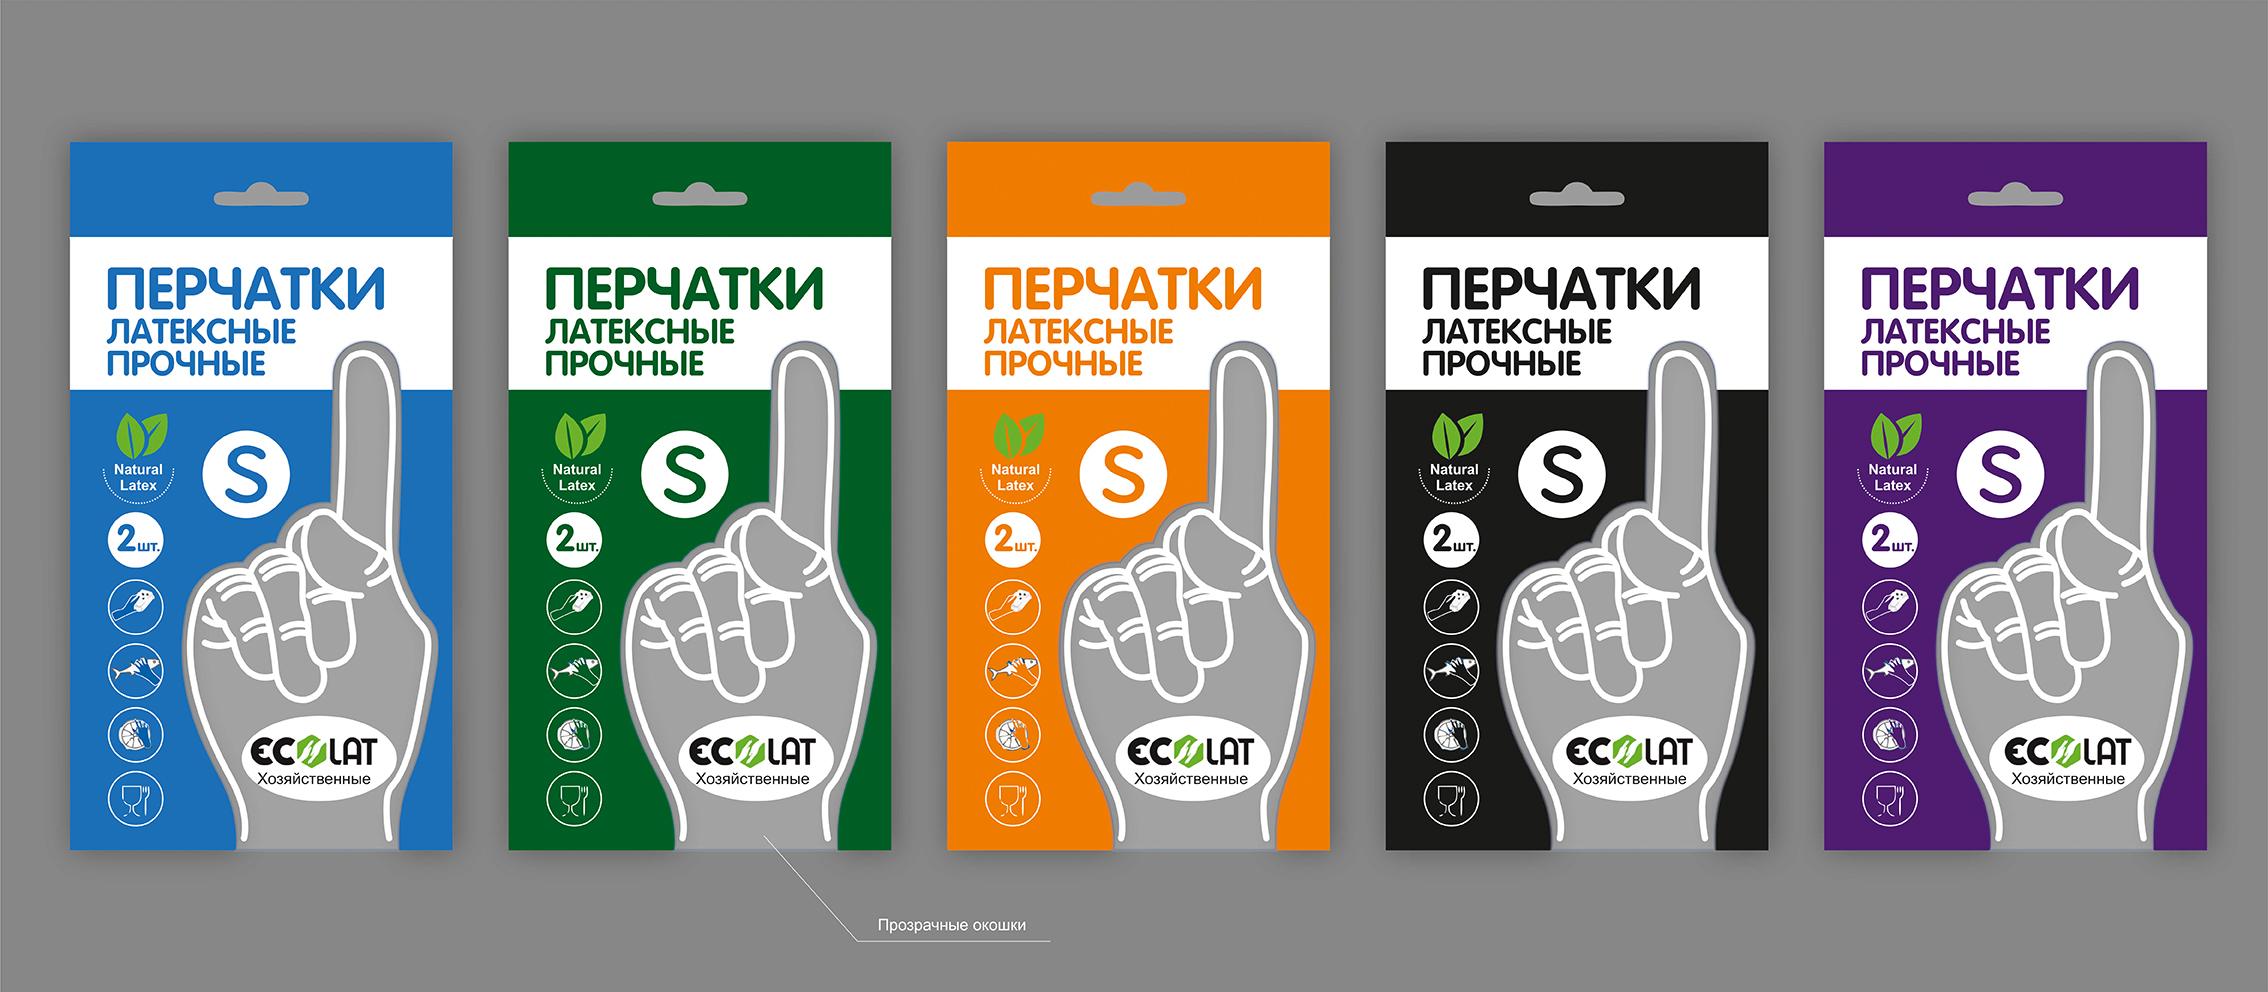 Создать дизайн для хозяйственных перчаток для упаковки flow pack фото f_3035d6b78c35da4e.jpg